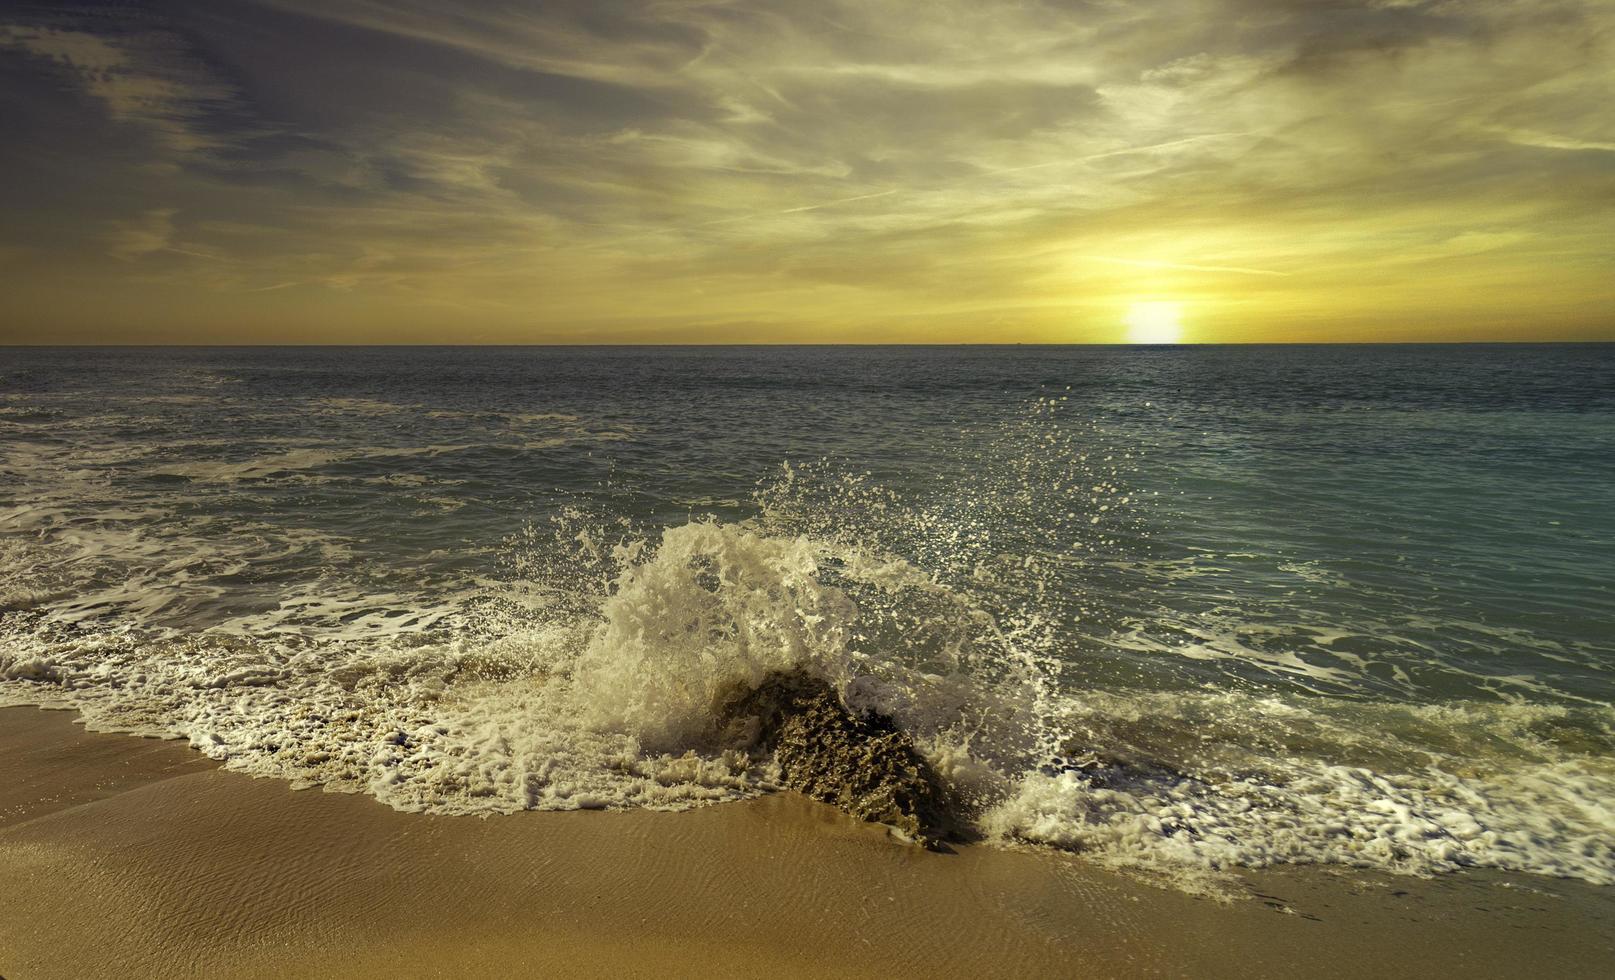 onde che spruzza sulla spiaggia al tramonto foto